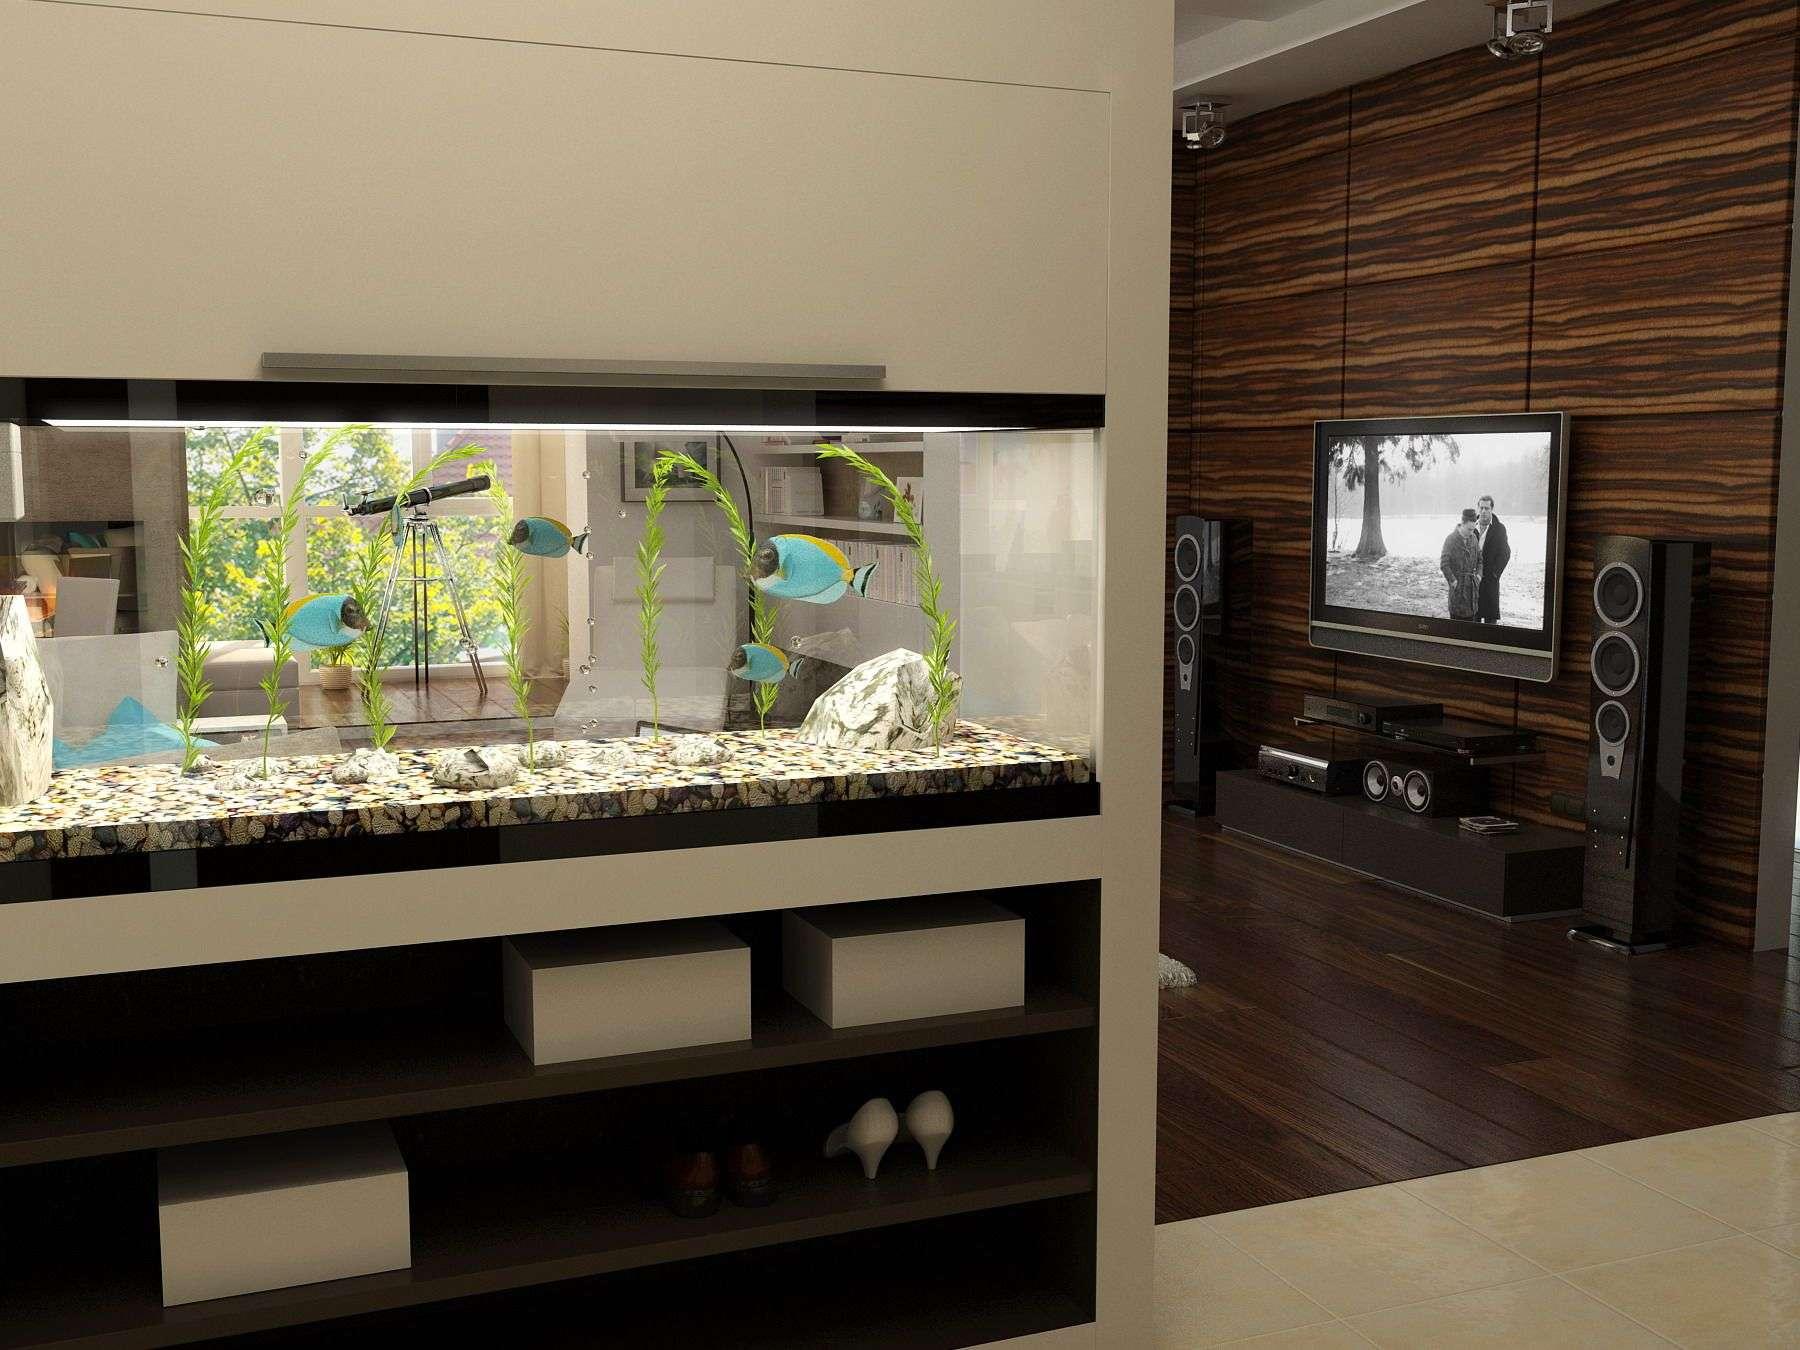 аквариум в однокомнатной квартире фото его описание фото